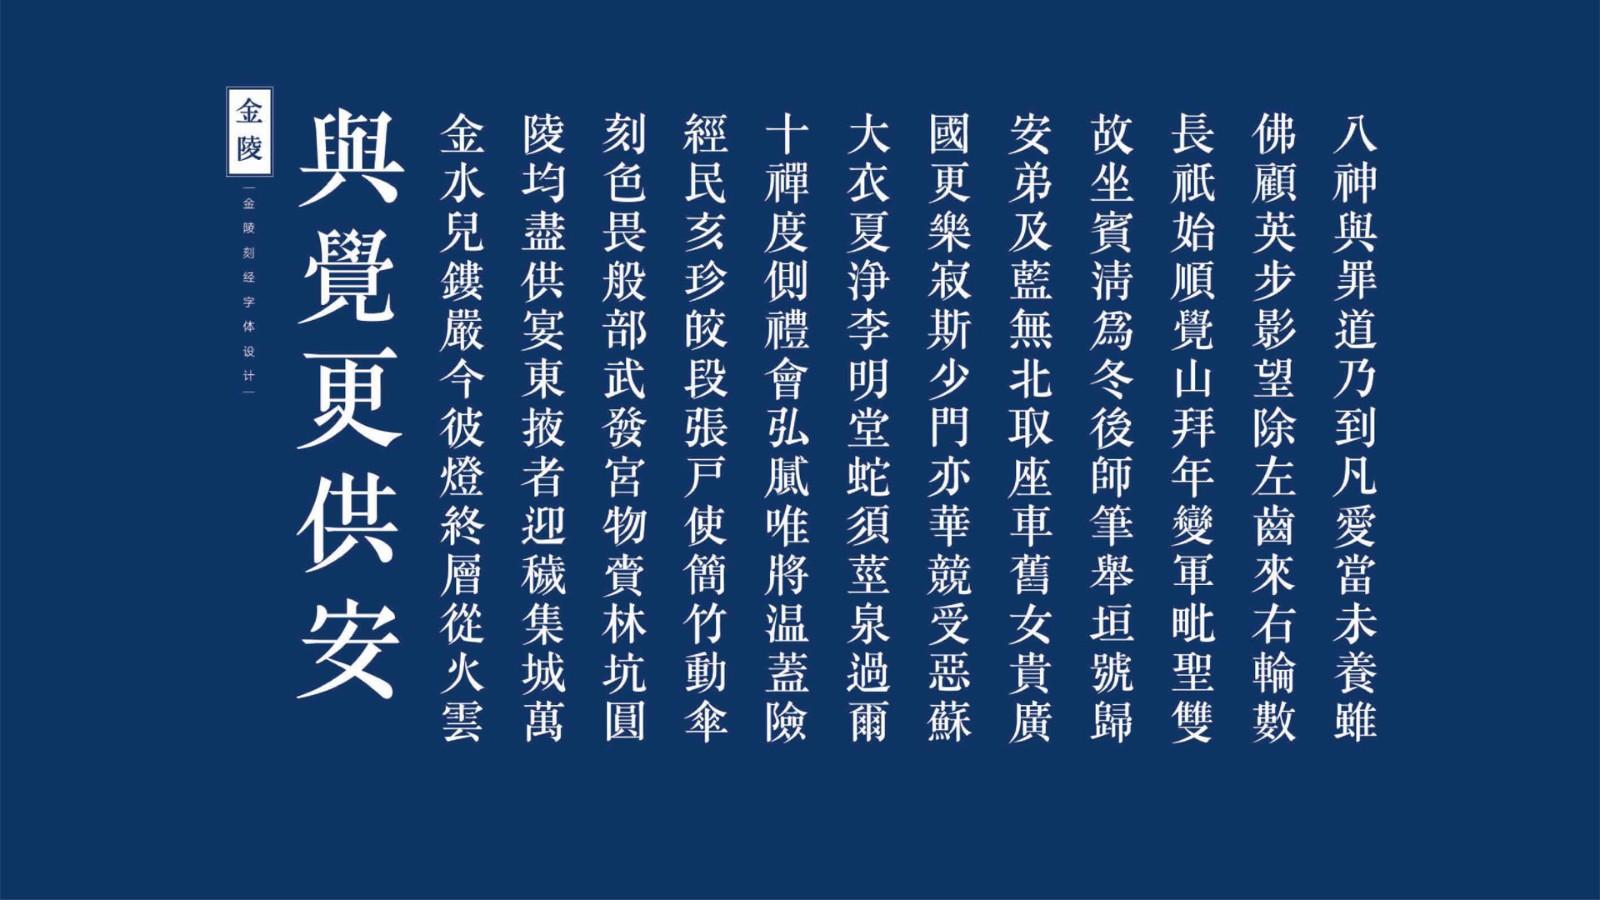 https://ft-bk1.oss-cn-zhangjiakou.aliyuncs.com/Public/Uploads/img/n_content_20201210105111_2161.jpeg